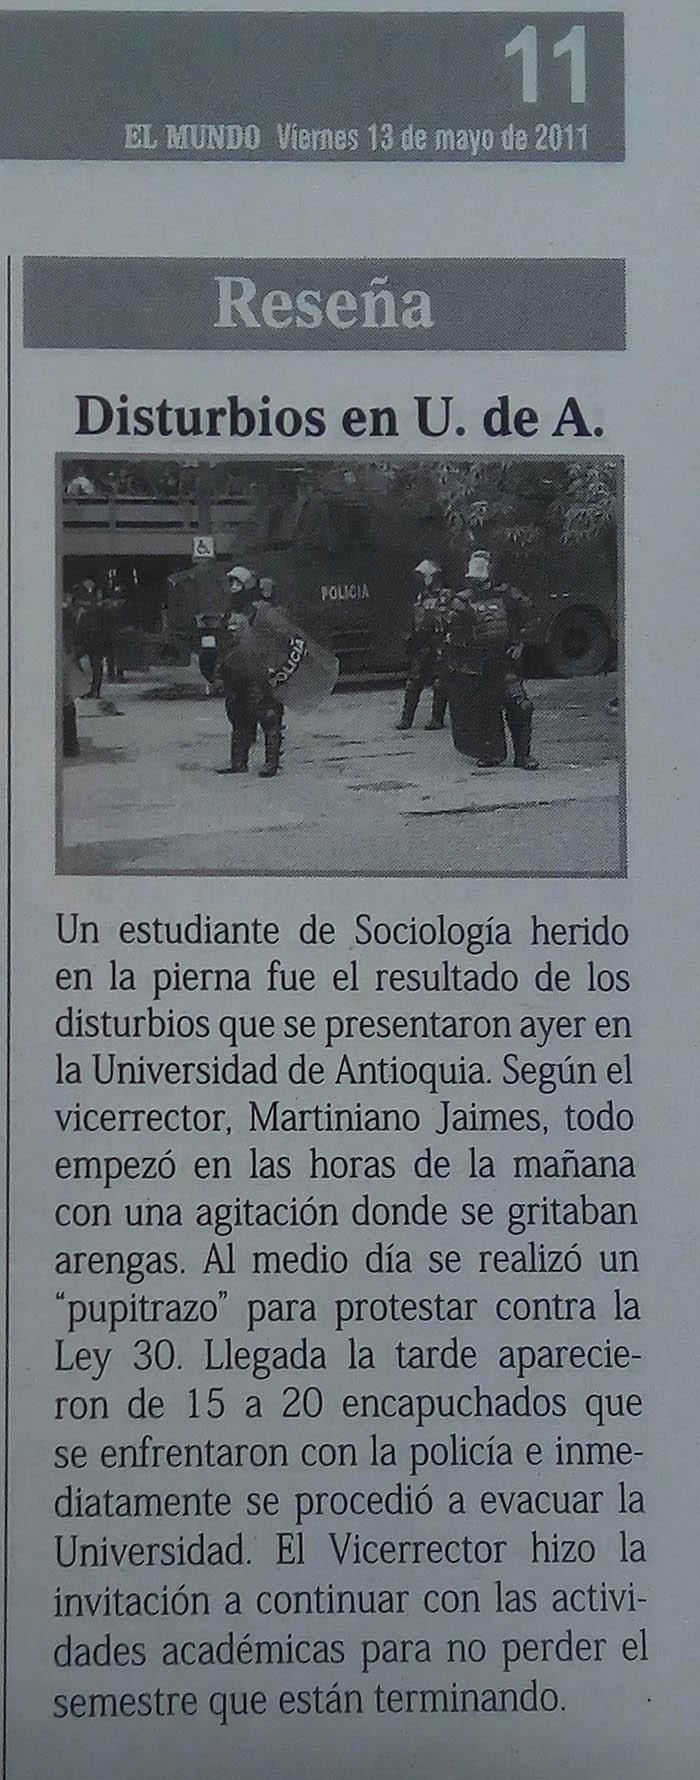 Fotografías tomadas de la edición del 13 de mayo del 2011 del periódico El Mundo